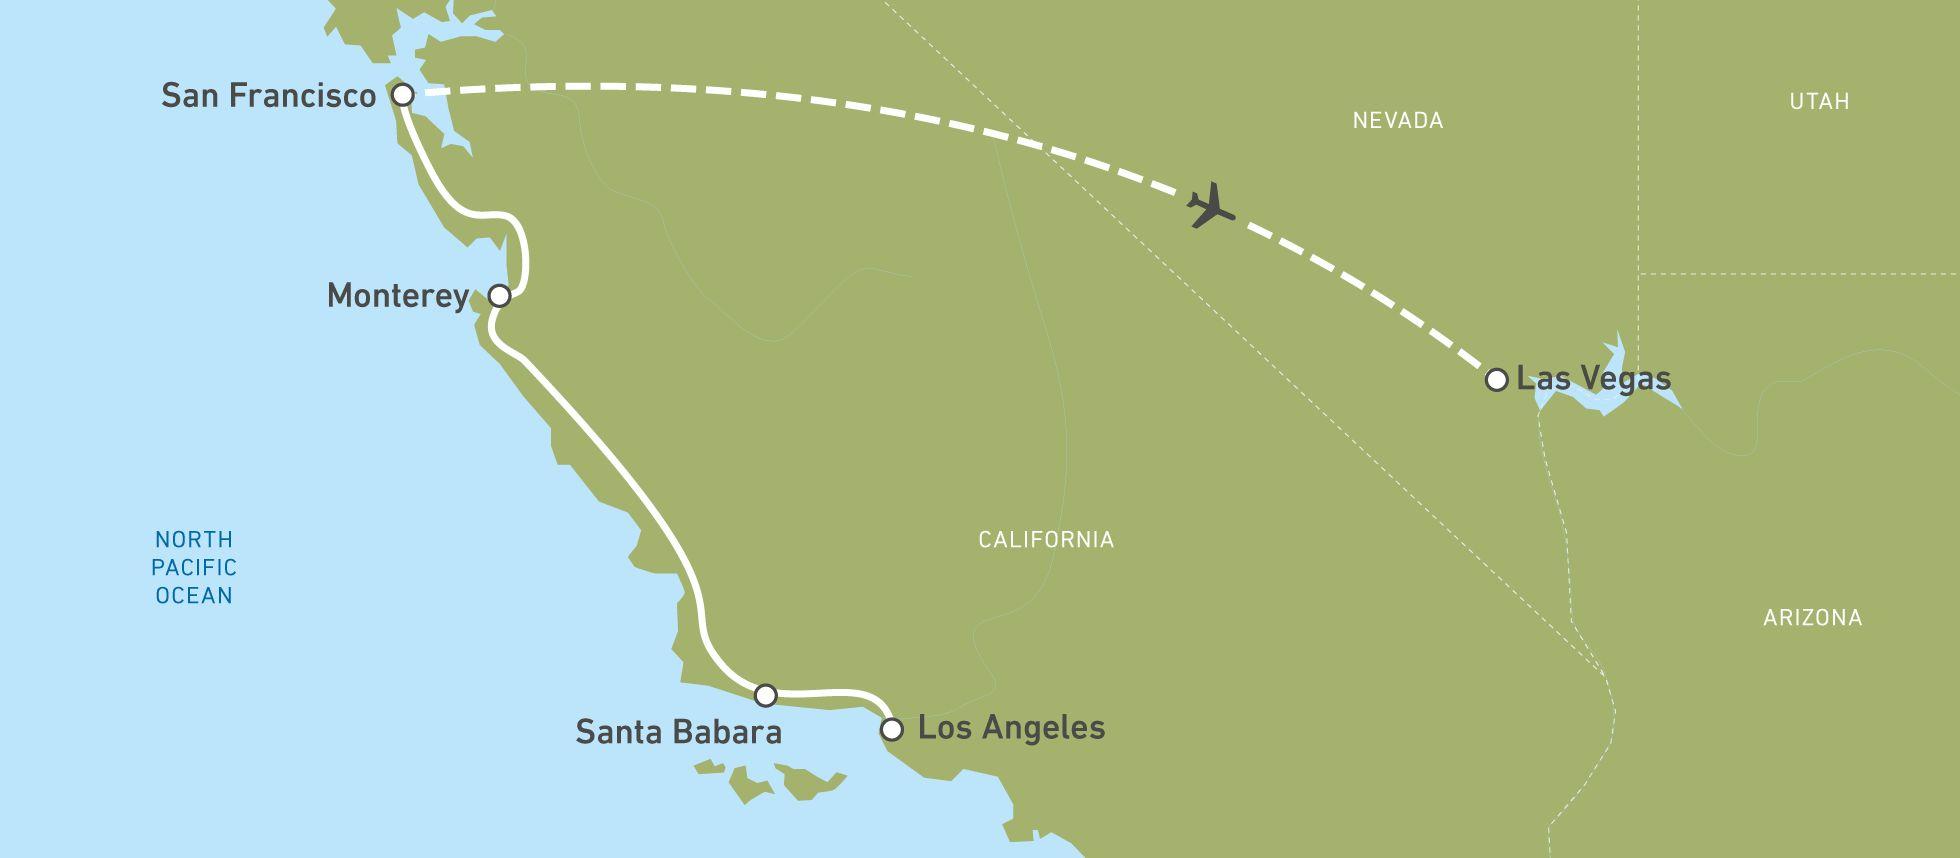 Die Karte einer Bustour durch den Westen der USA